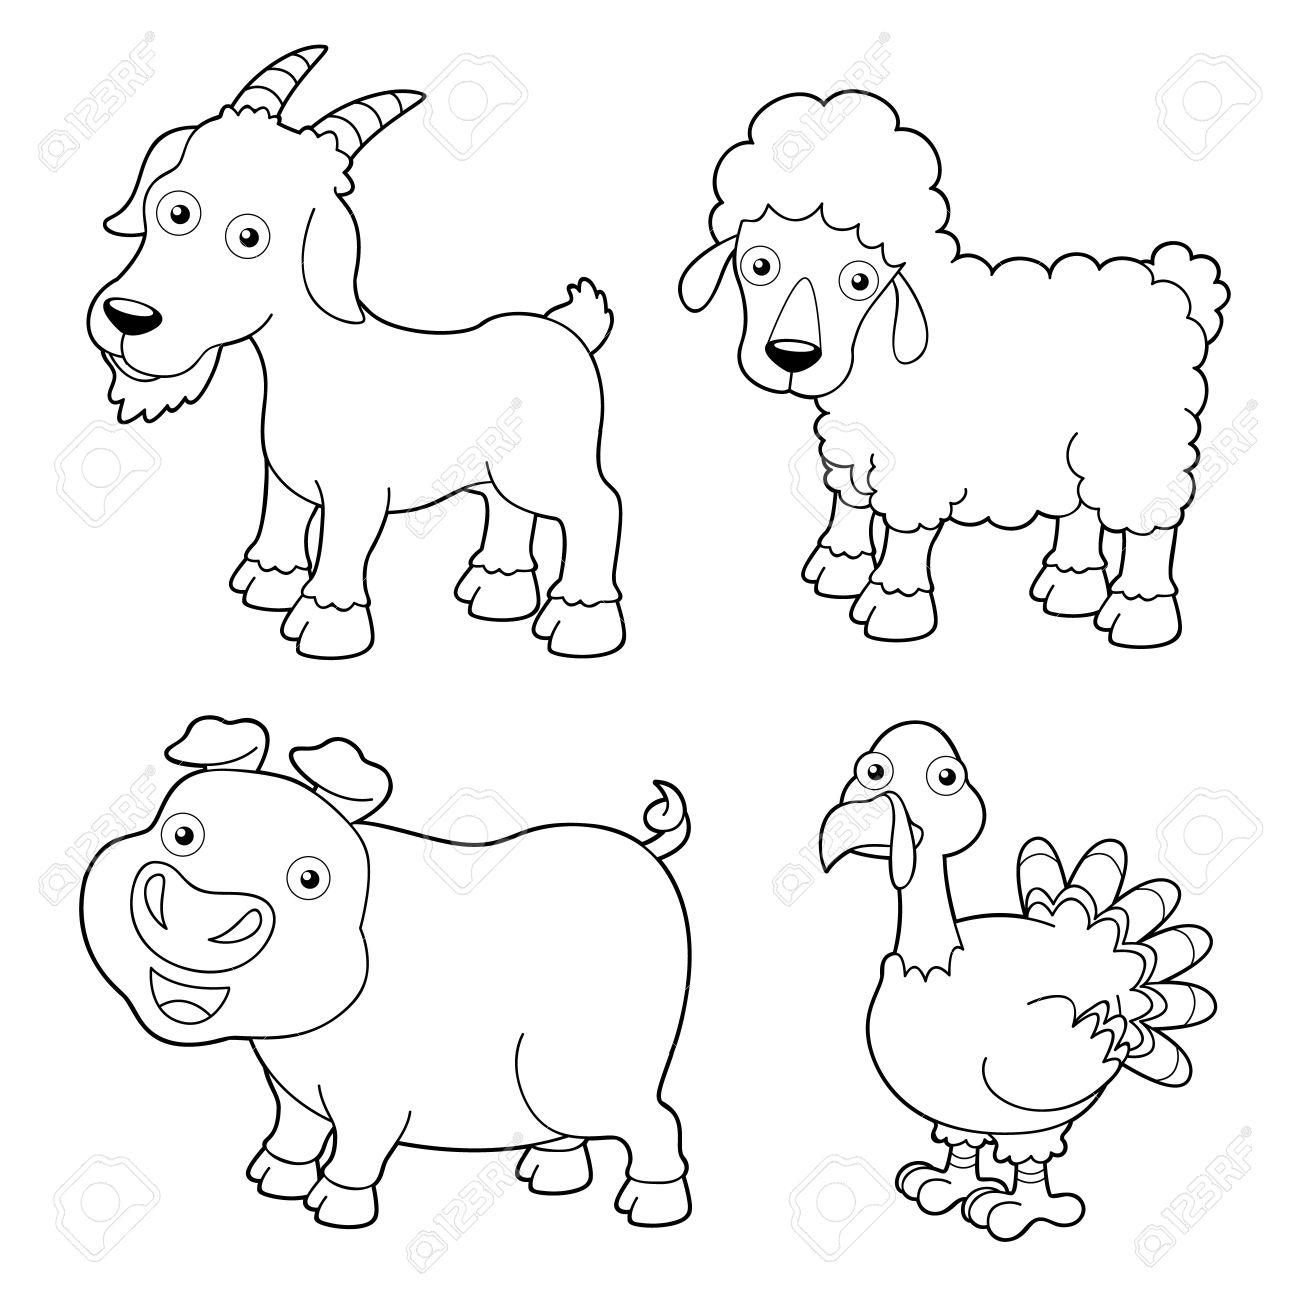 Ilustración De Dibujos Animados Animales Granja Libro Para Colorear